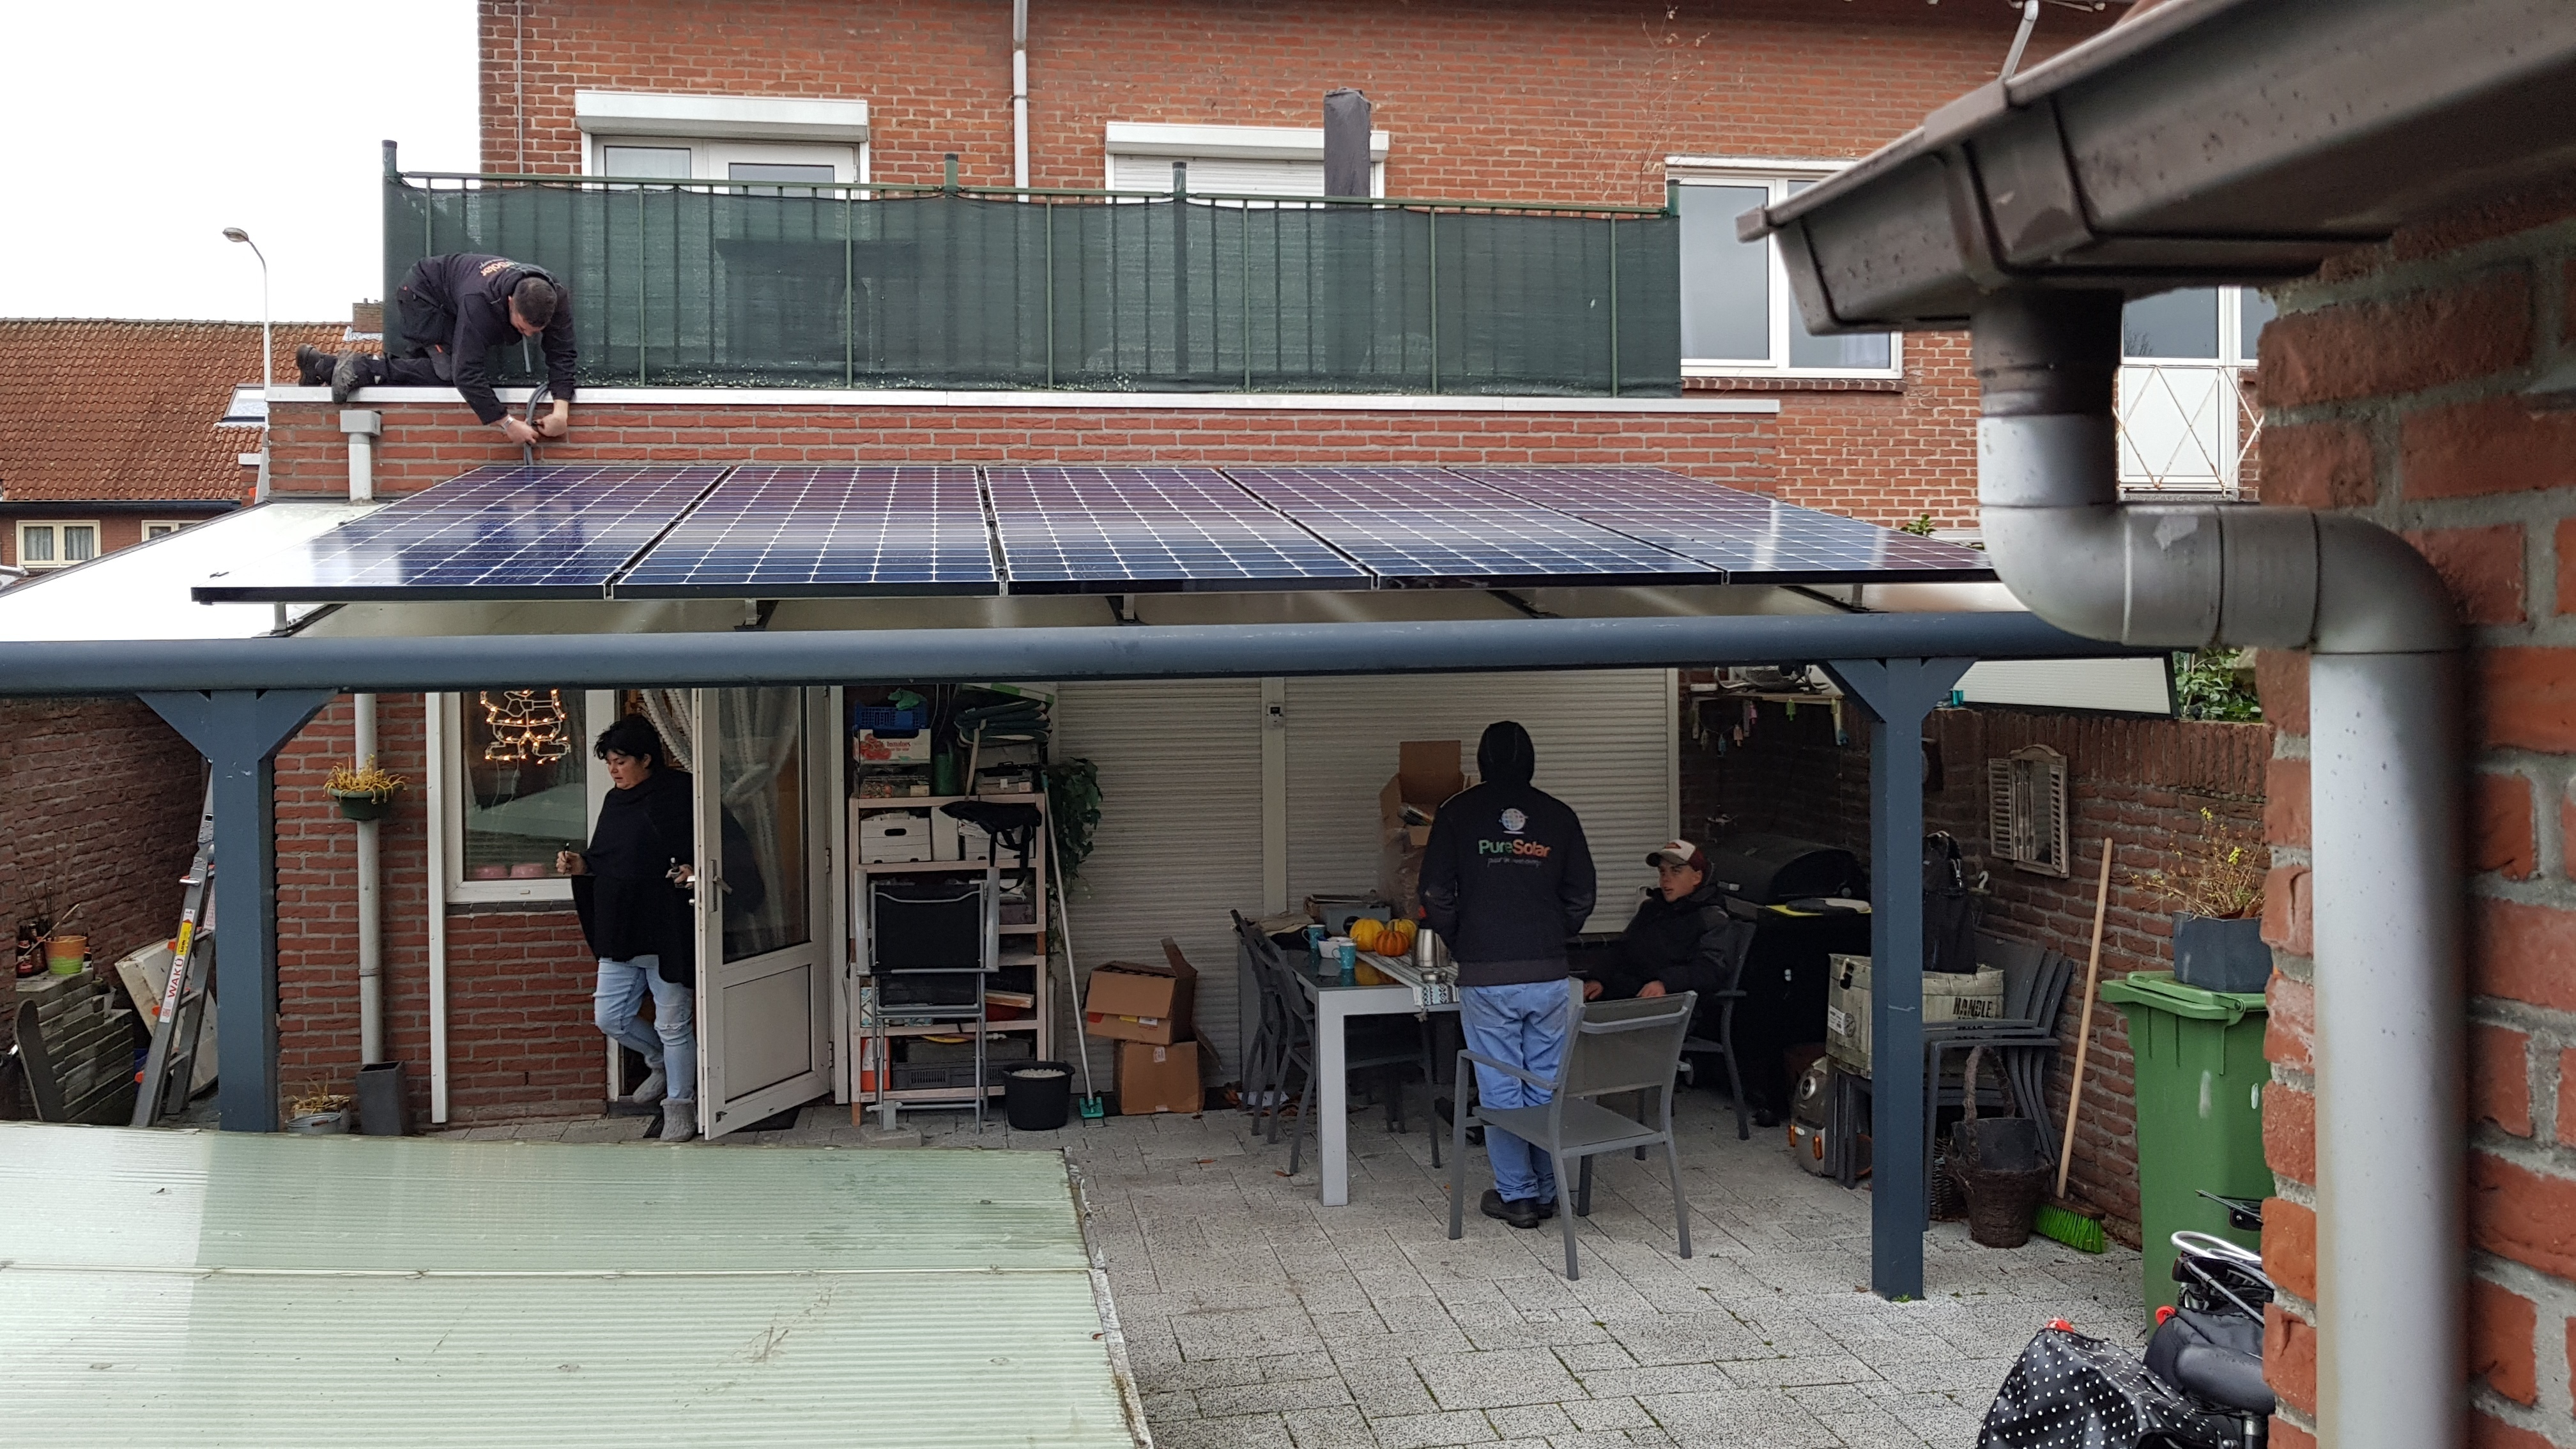 De zon schijnt weer :-) Upload een foto van jouw zonnepanelen!